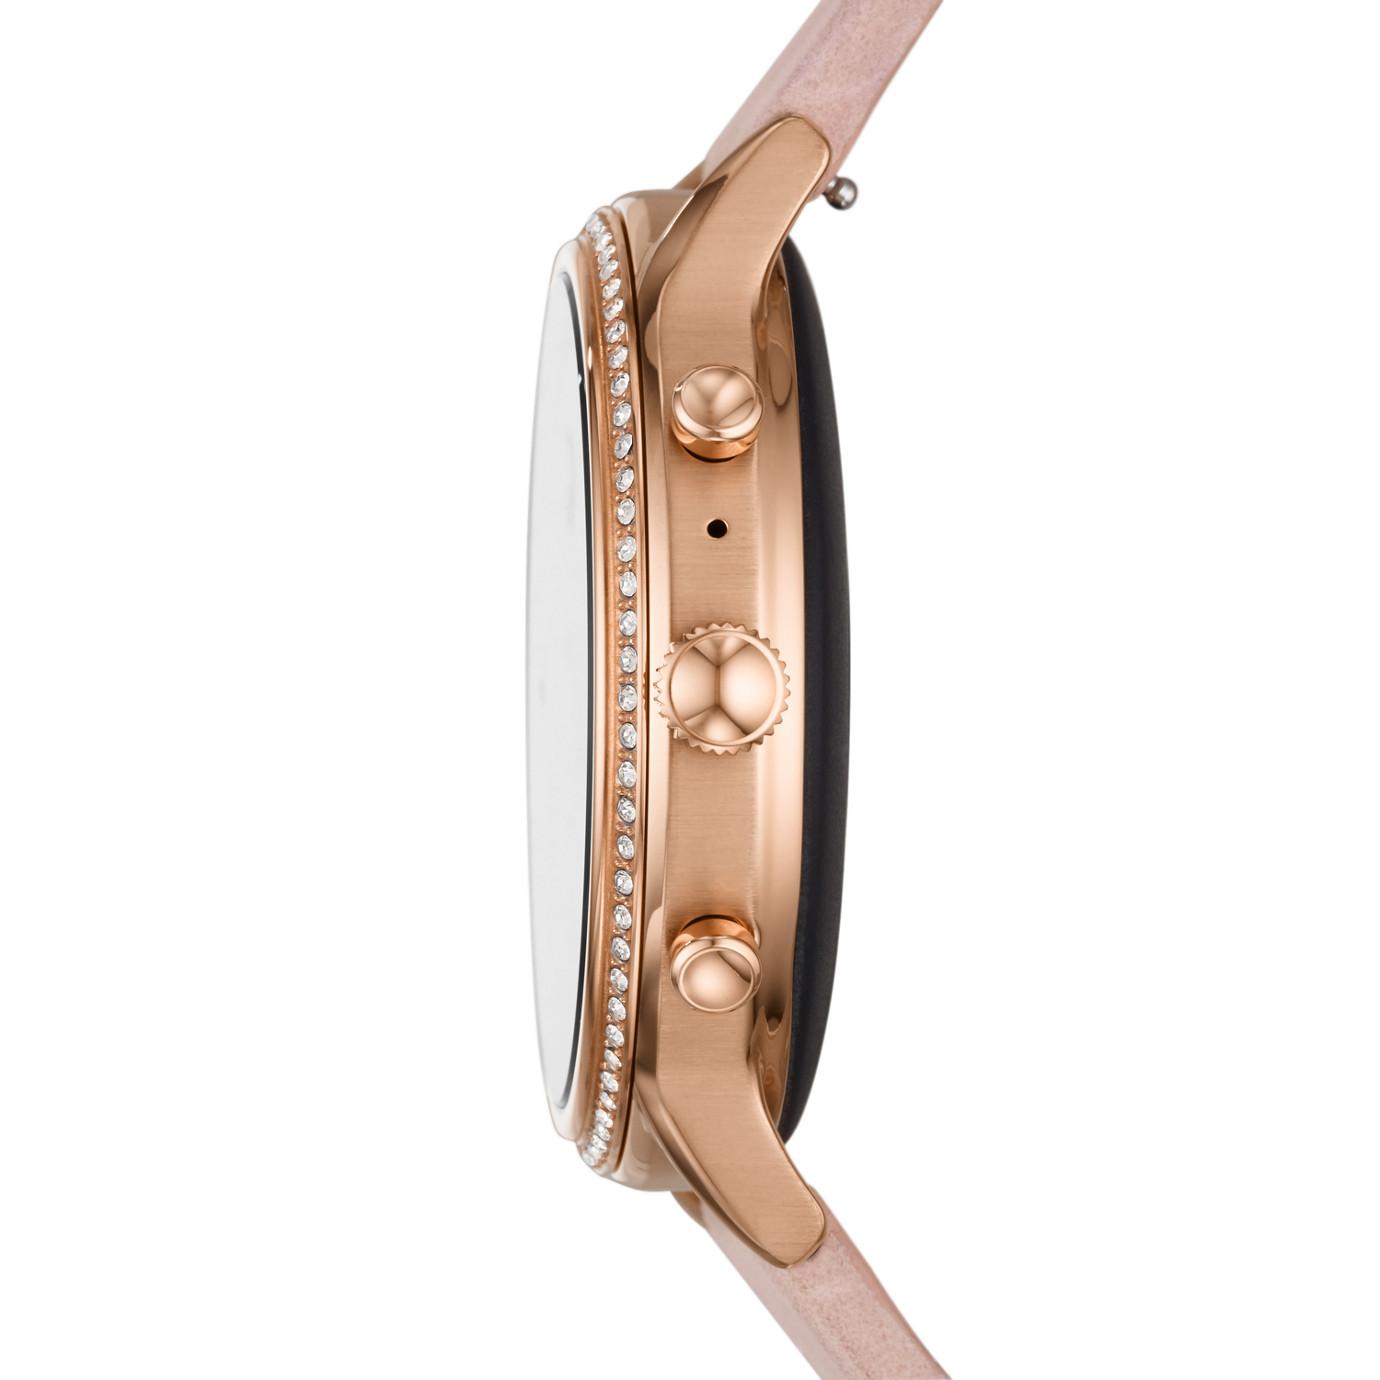 Gen 5 Smartwatch - Julianna HR Blush Leather